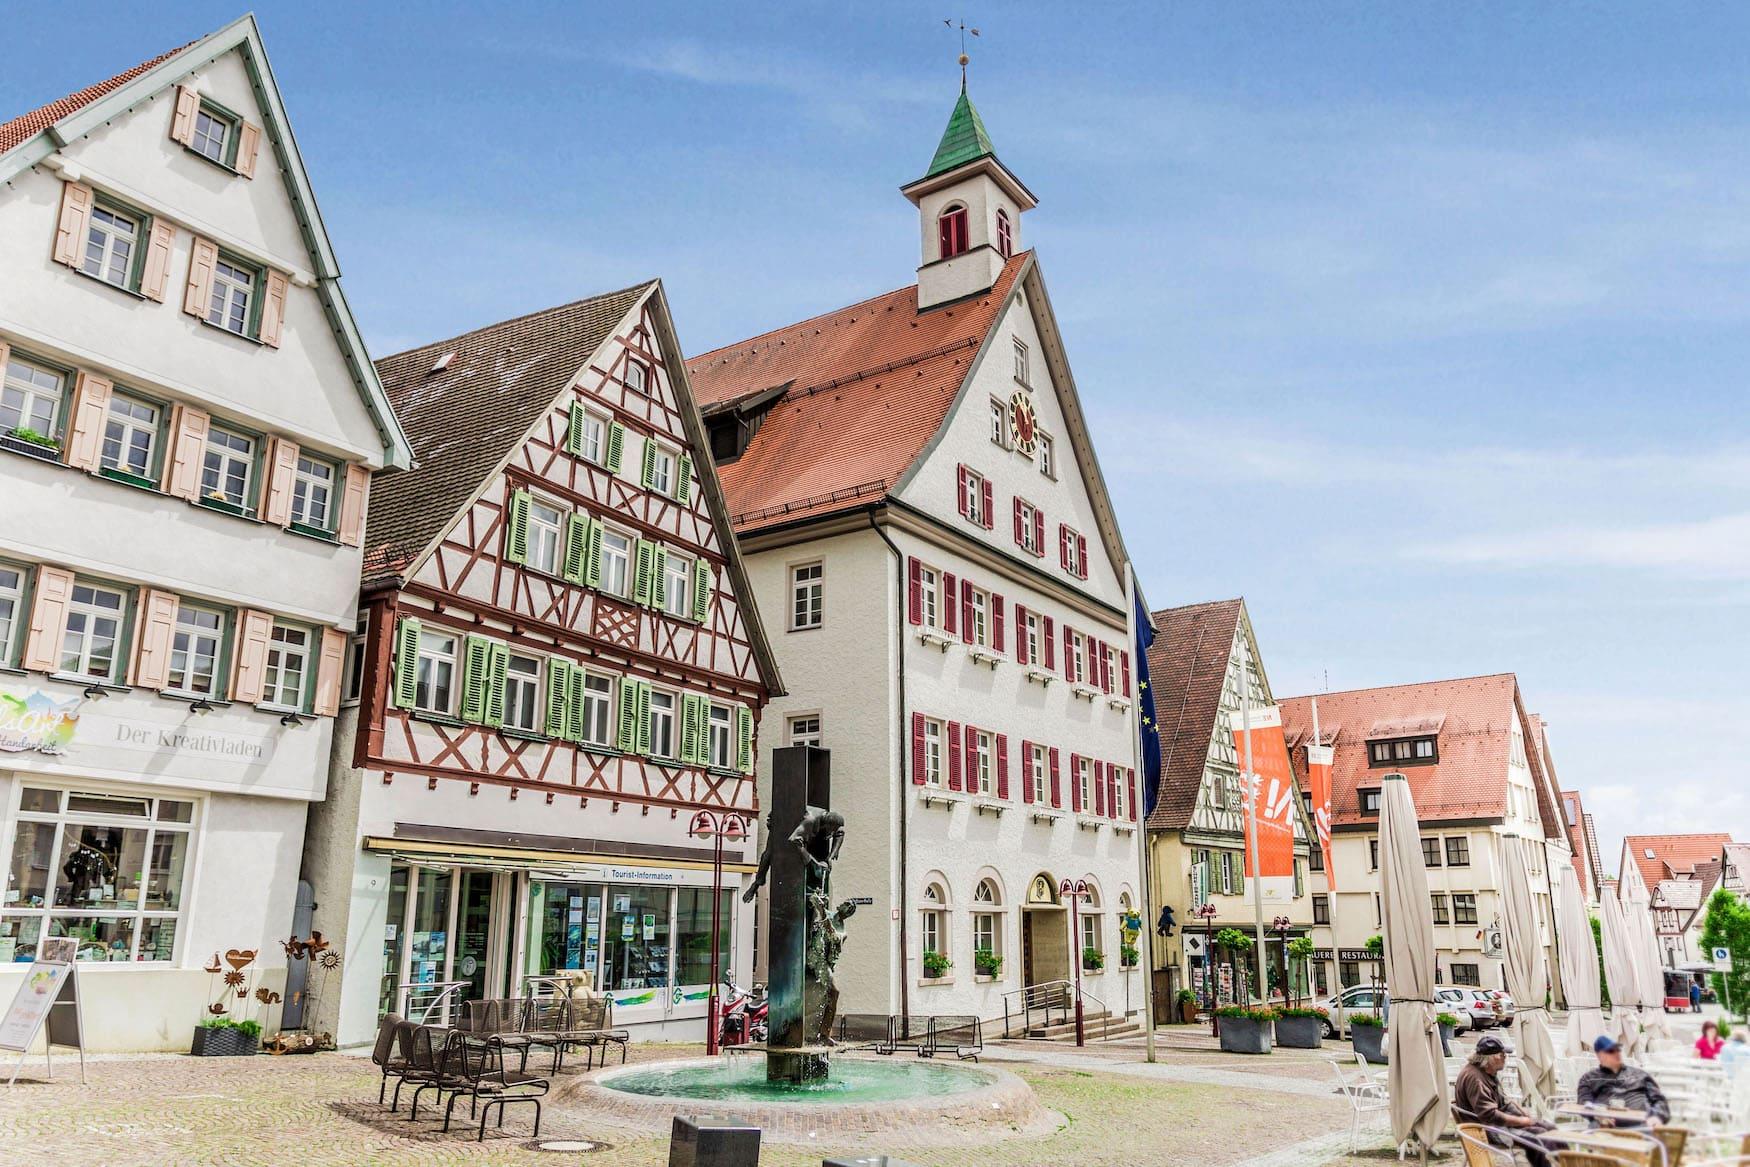 Platz mit Brunnen in der Stadt Giengen an der Brenz